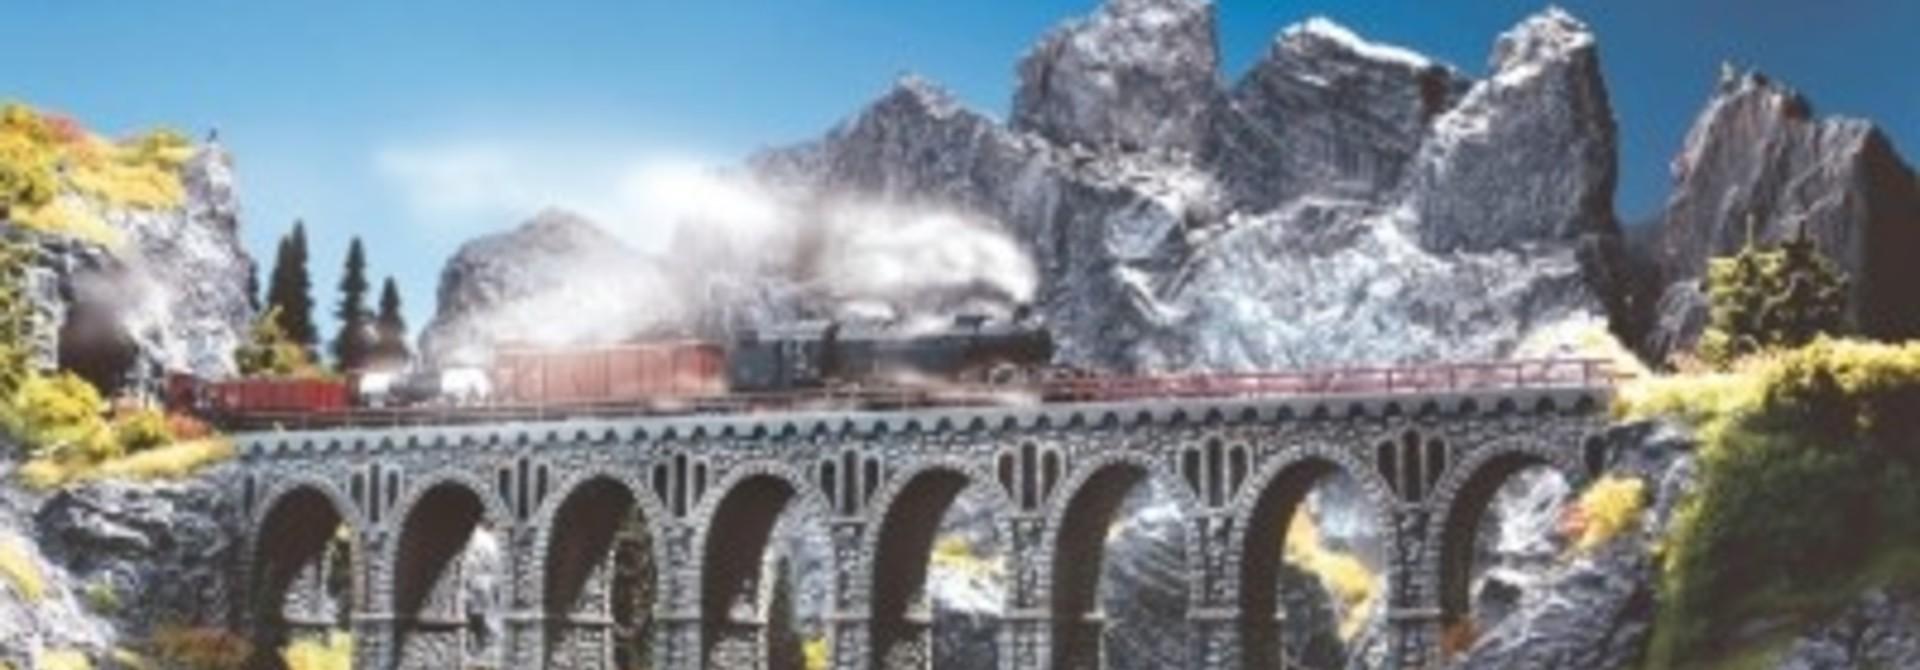 58660            Bruchstein-Viadukt